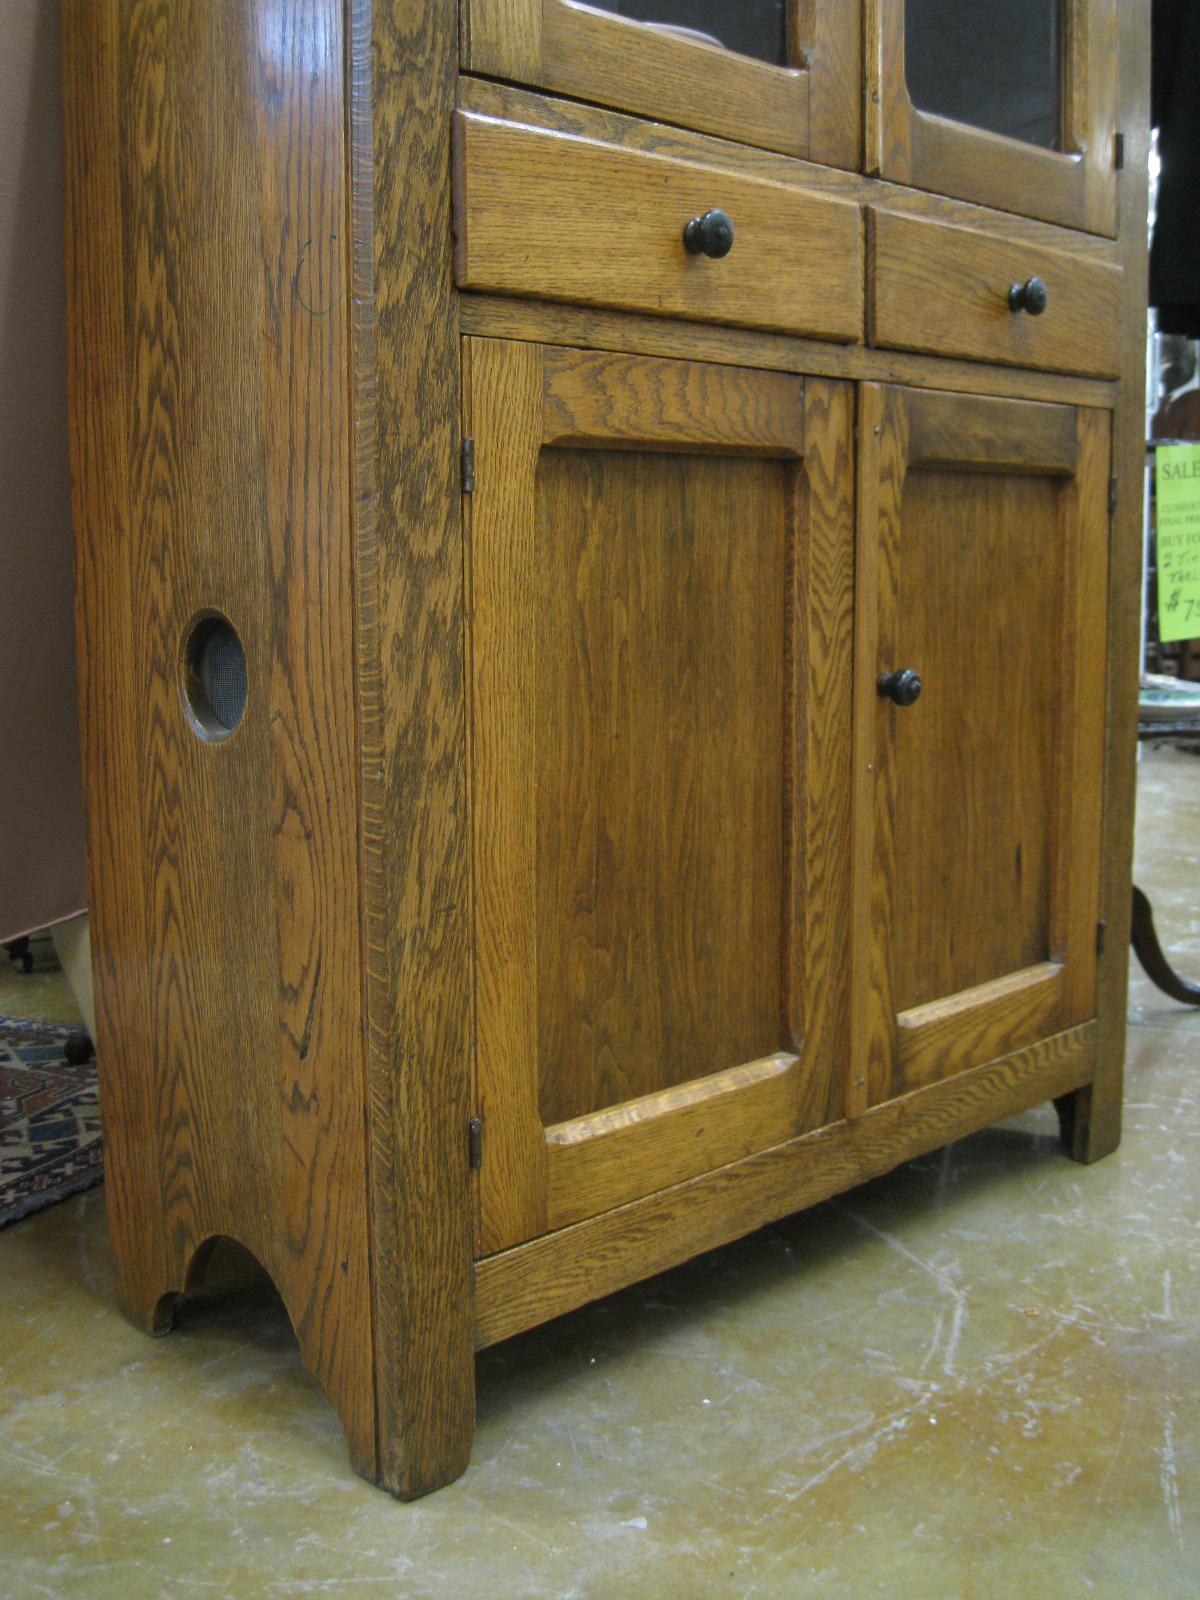 Antique Pie Safe Cabinet | Antique Furniture